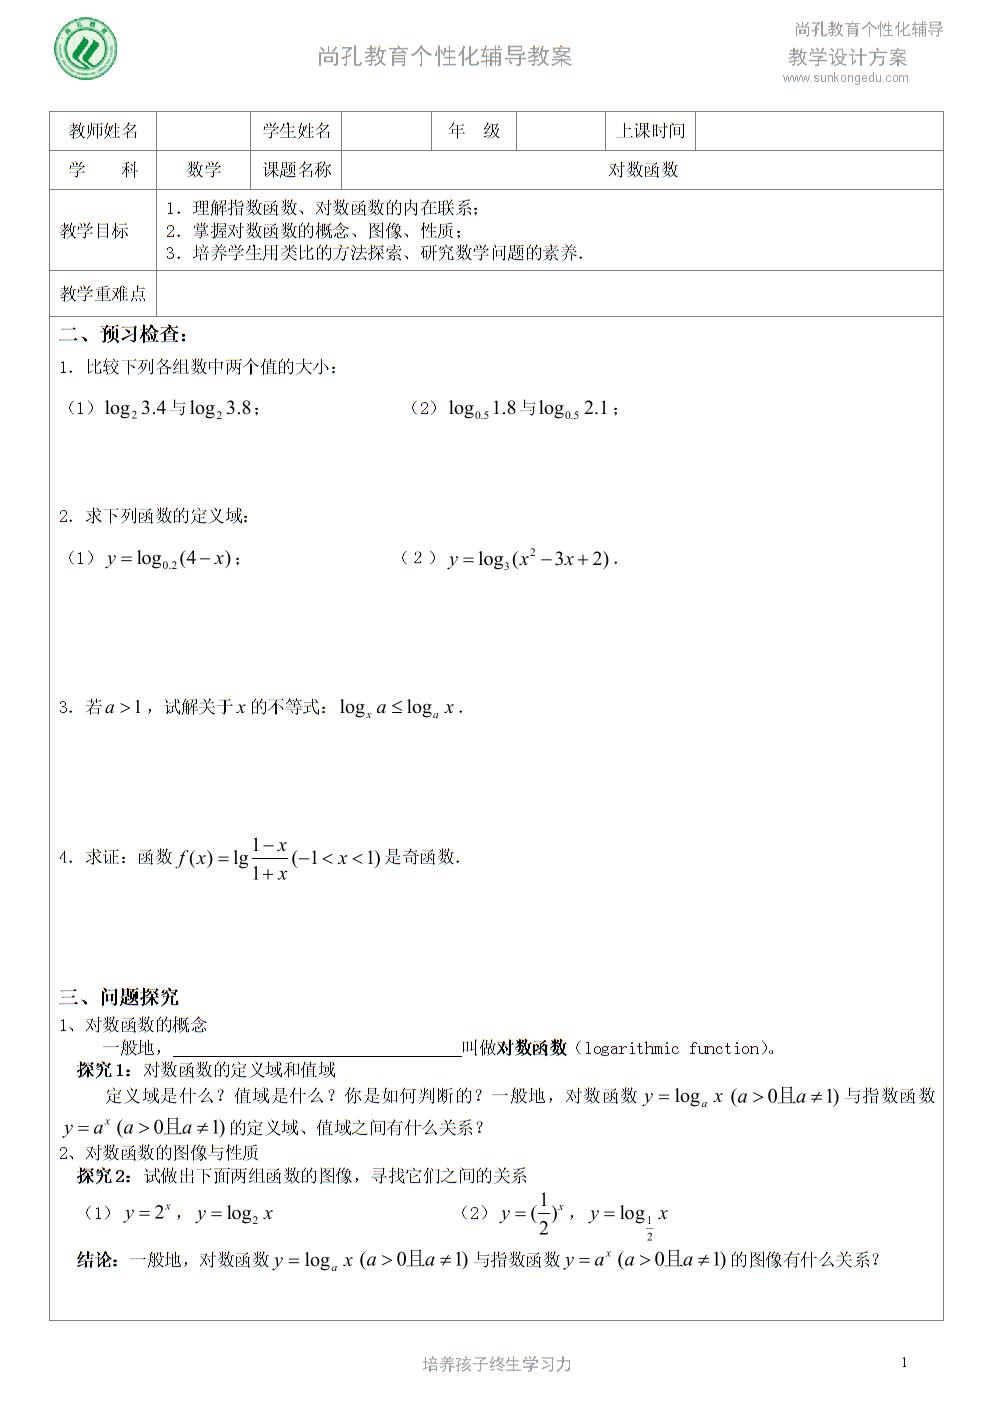 培训机构高一数学教案(一对一暑假班)高一对数函数2第八次课教案模板.doc